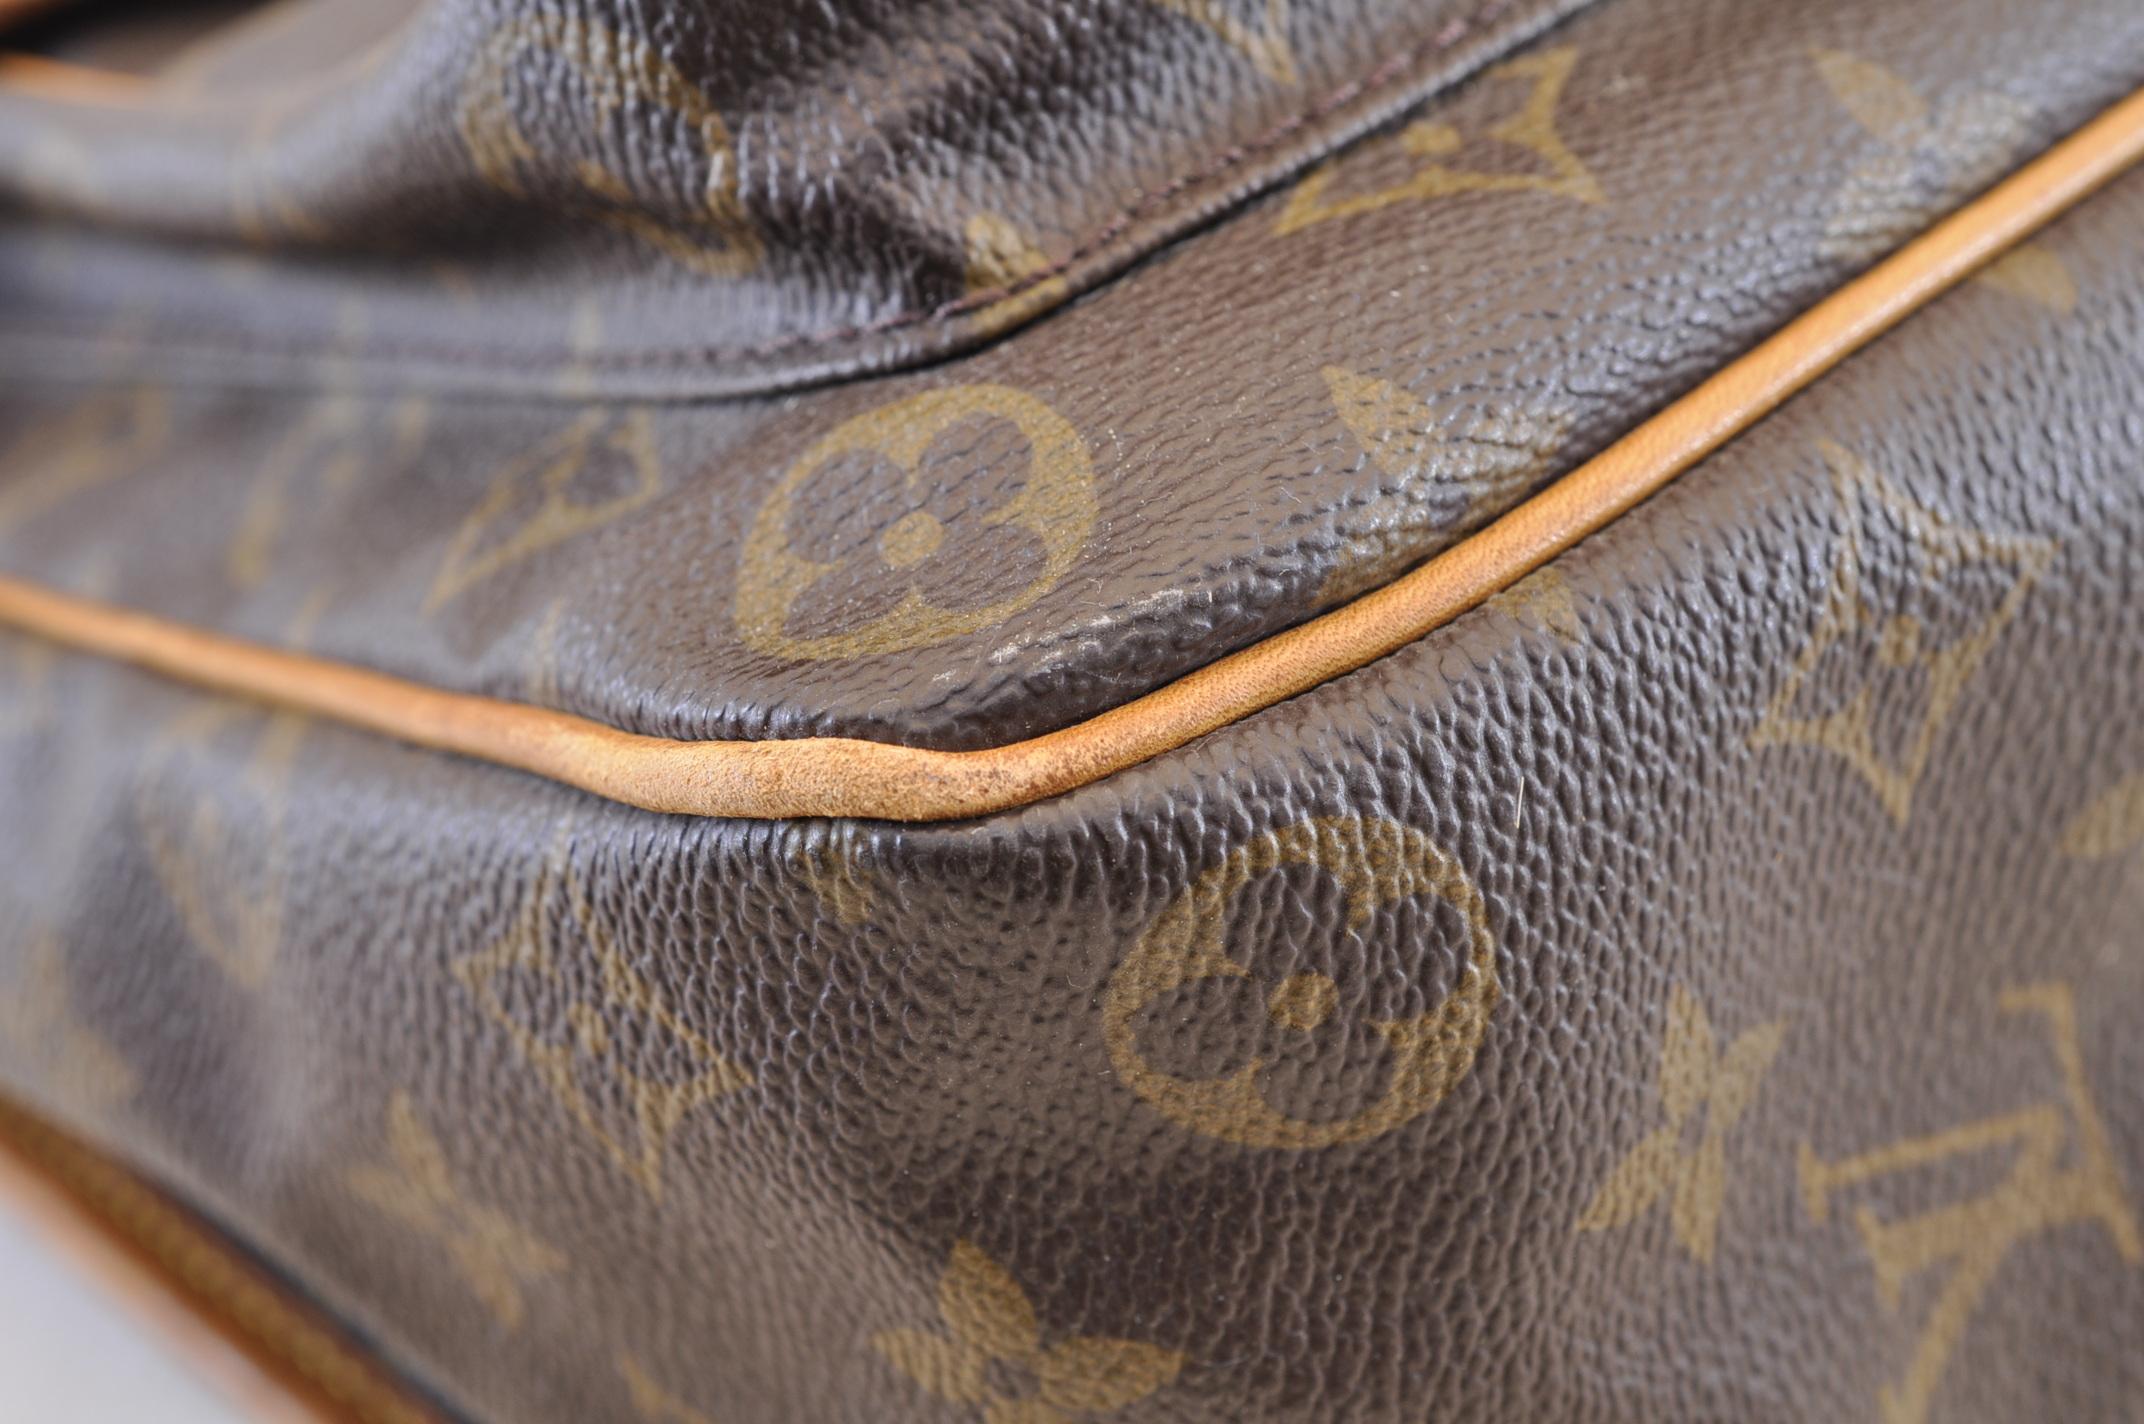 27b0d34a907d LOUIS VUITTON Monogram Sac Bazas Japon M99013 Shoulder Bag LV Auth ...